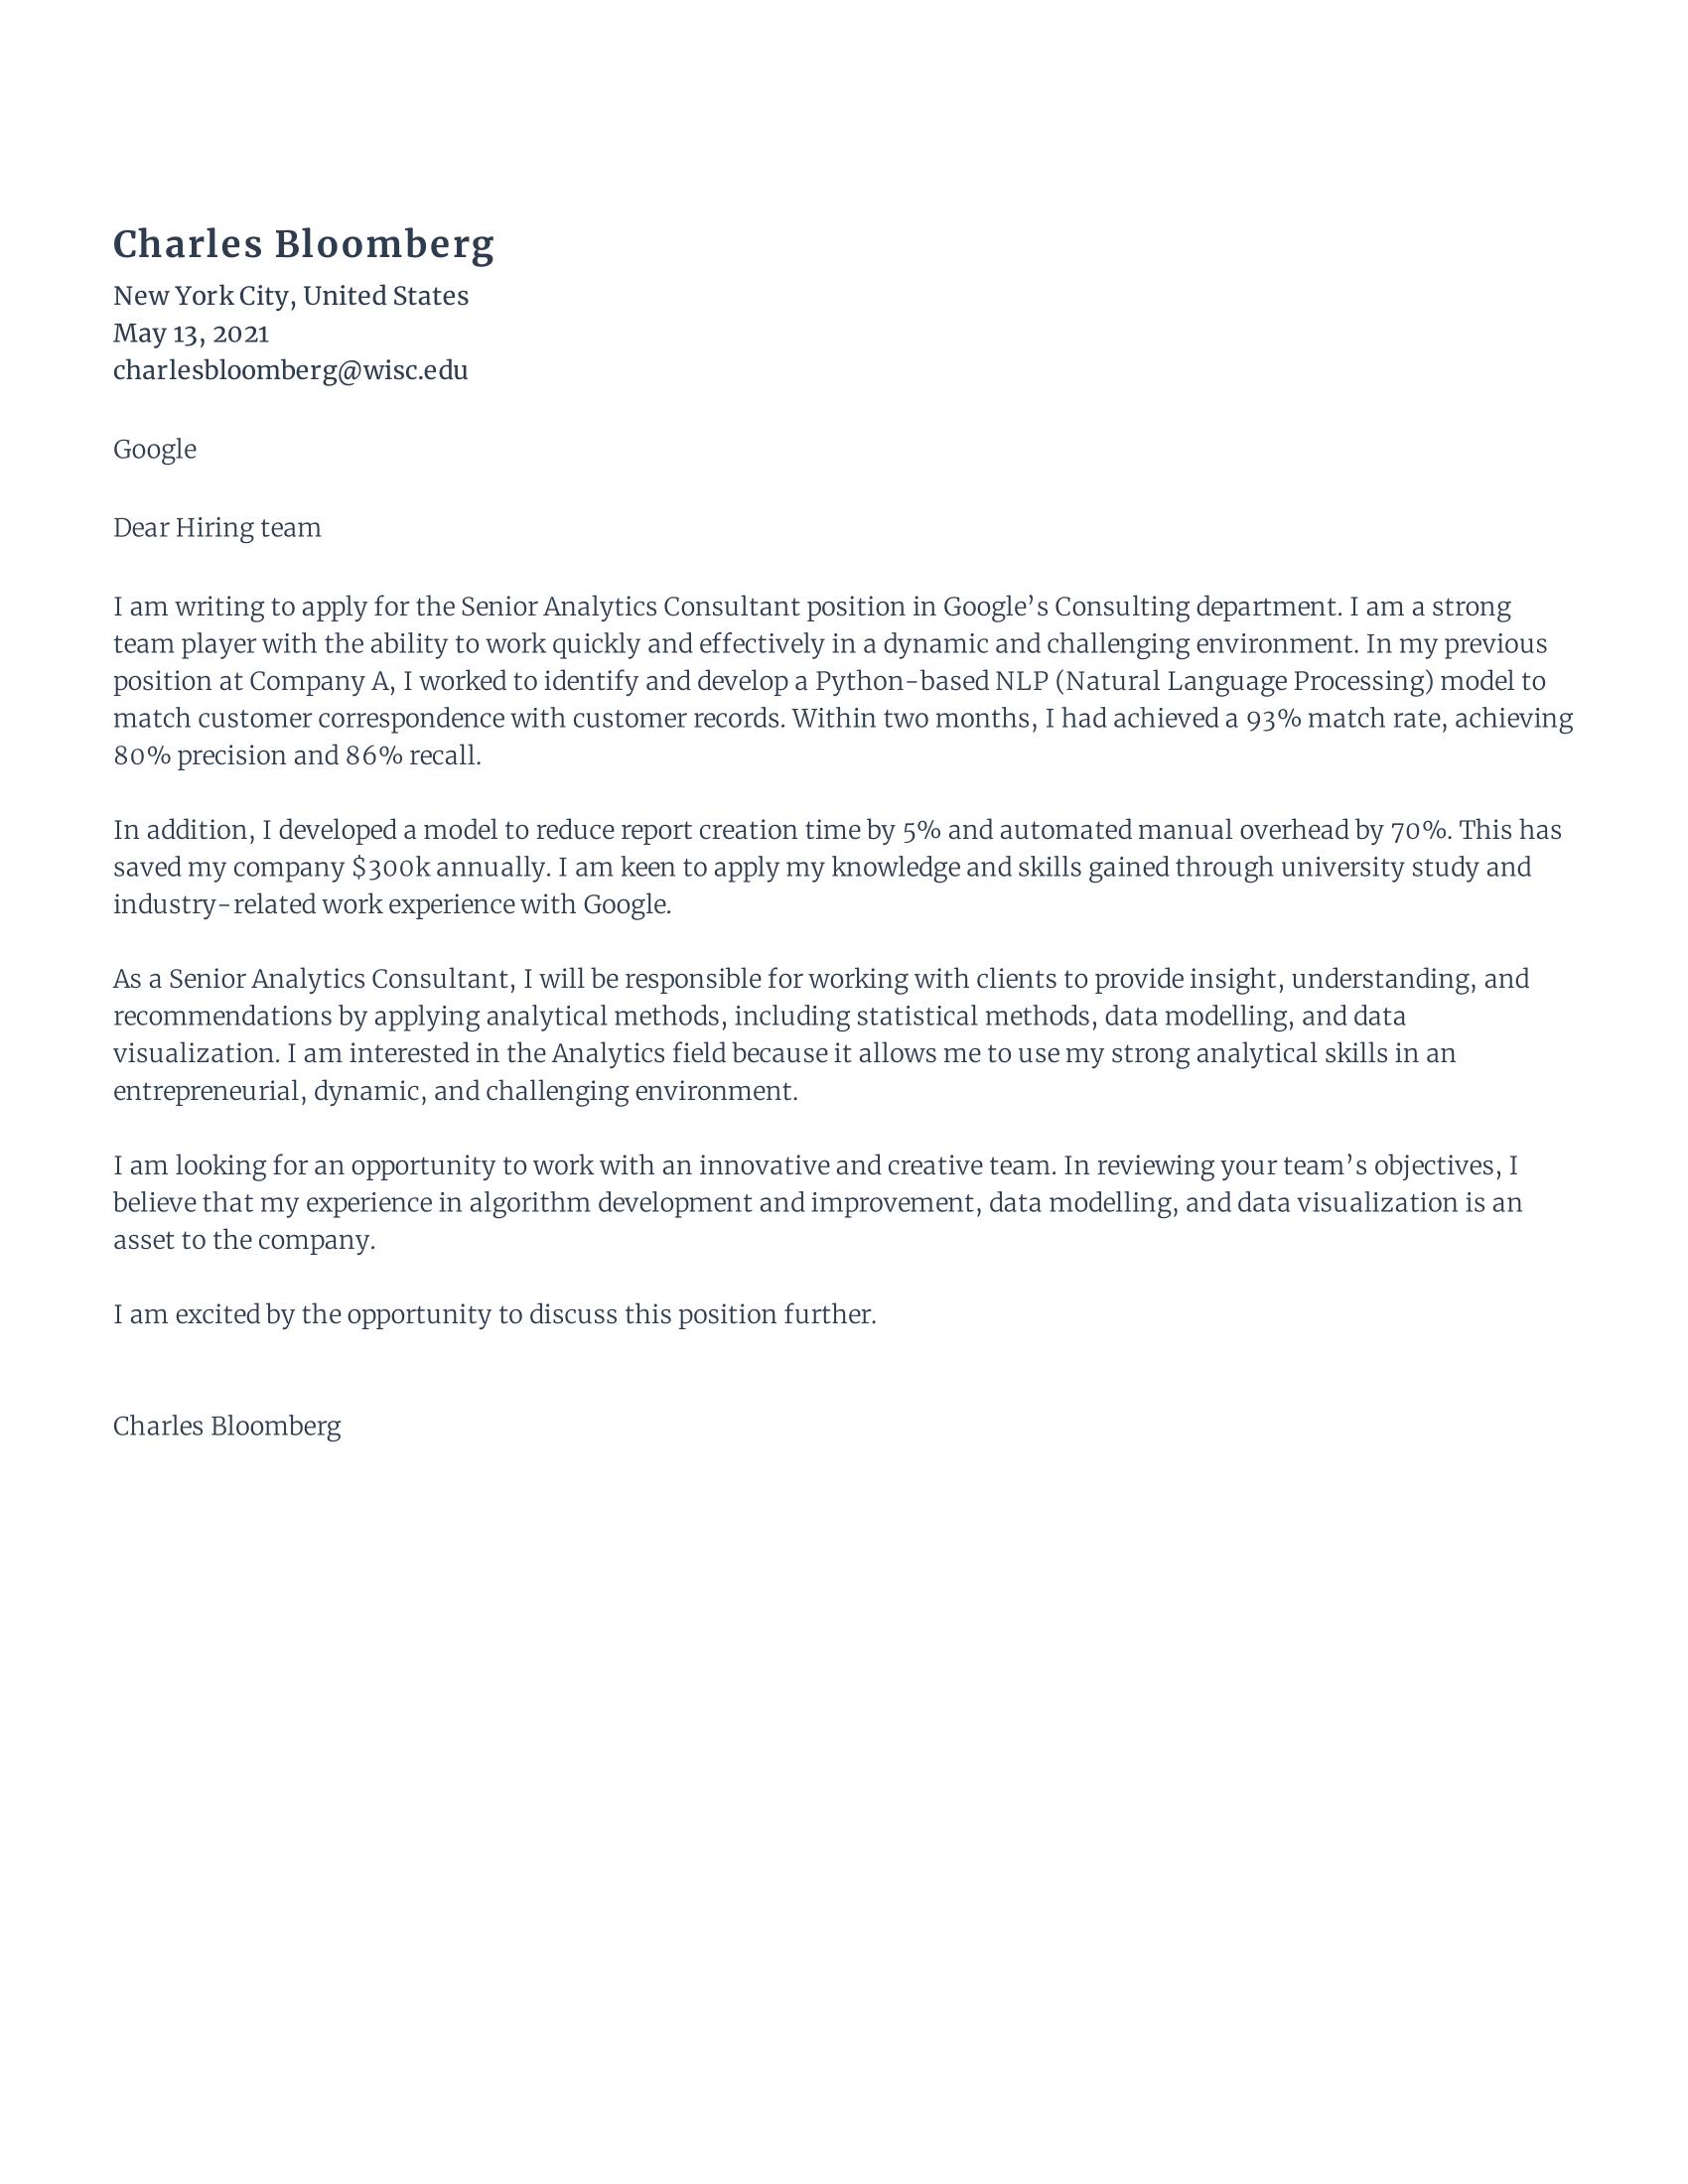 Senior Data Analyst Cover Letter